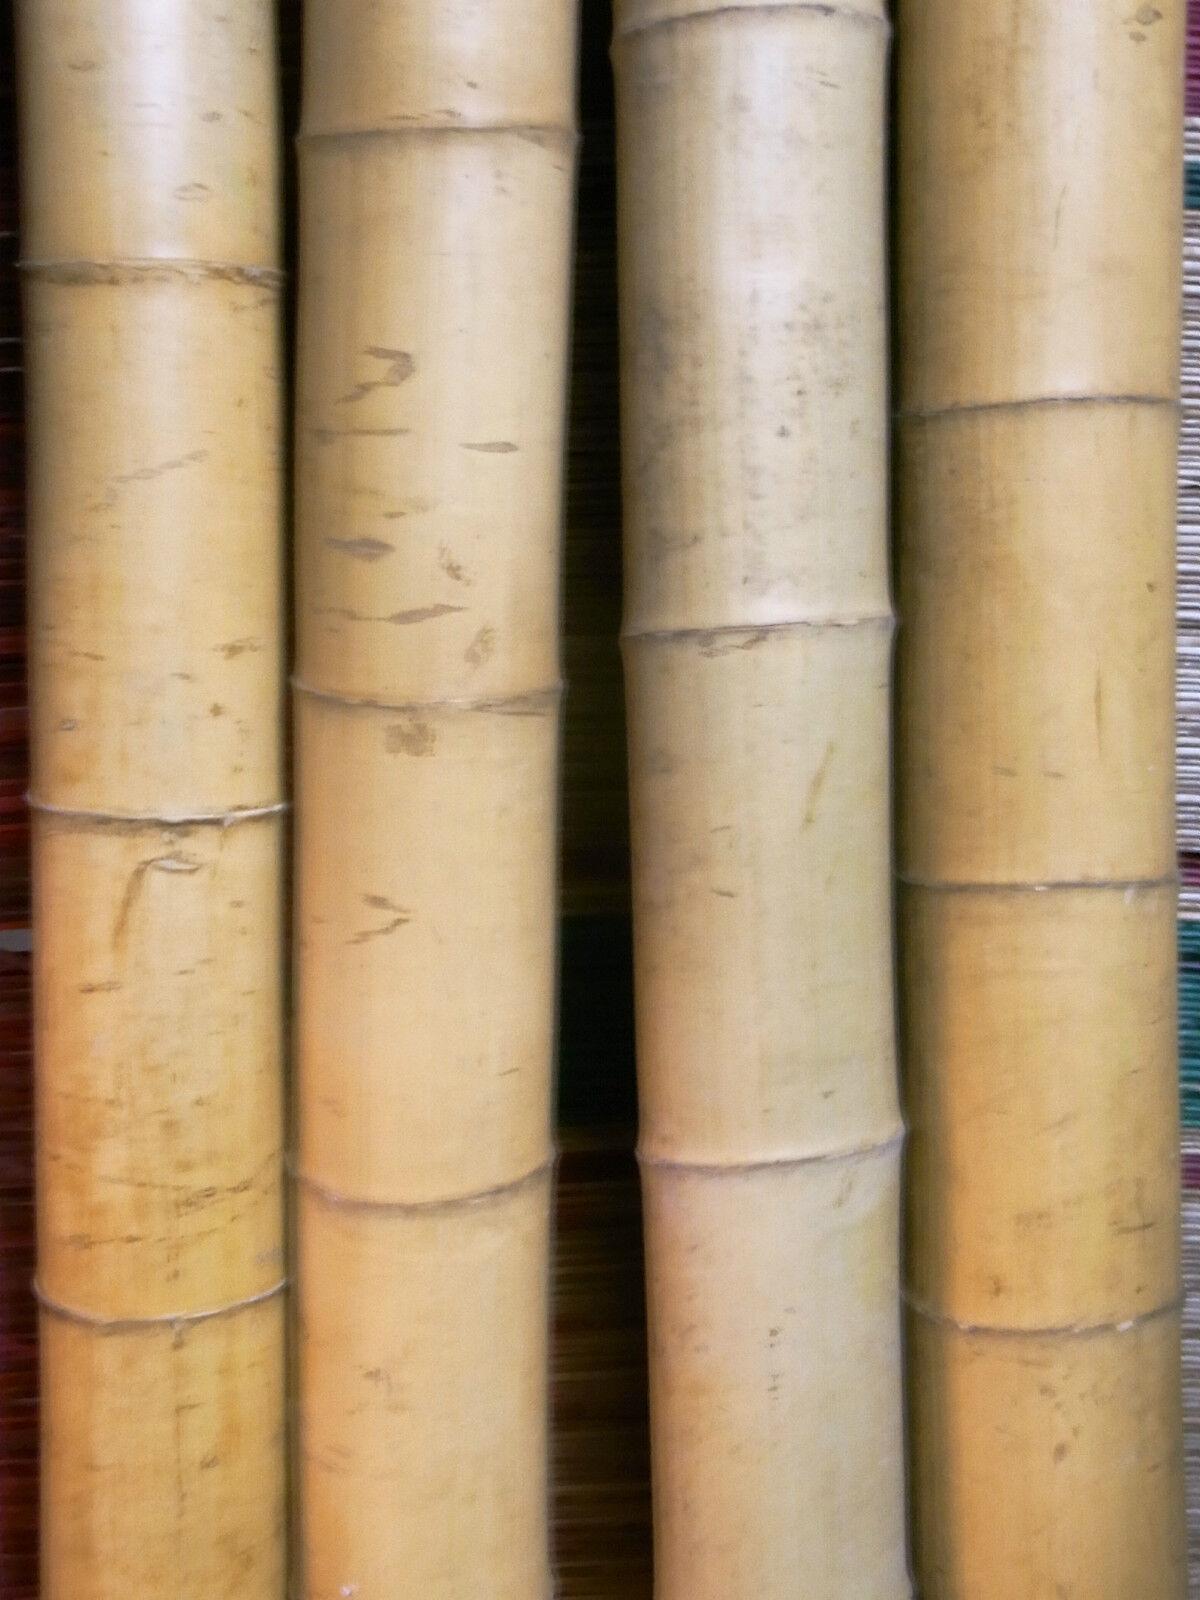 Bambusrohr Bambusstange Bambushalm Bambus Riesenbambus 5 x 11-12 cm x 2 m